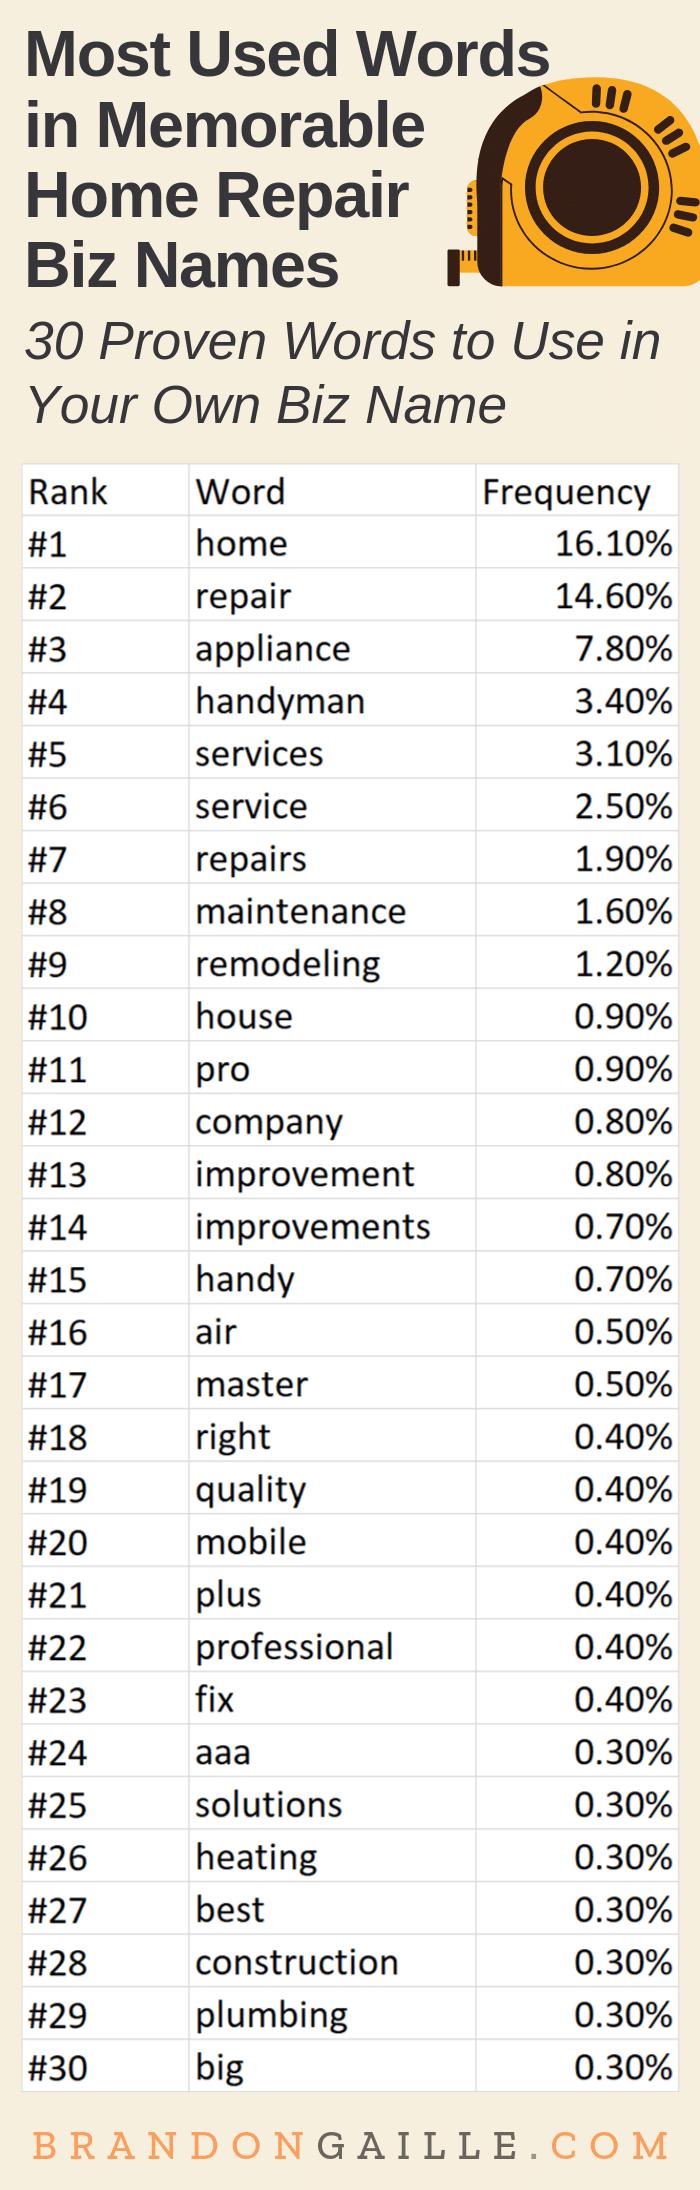 Home Repair Business Name Ideas